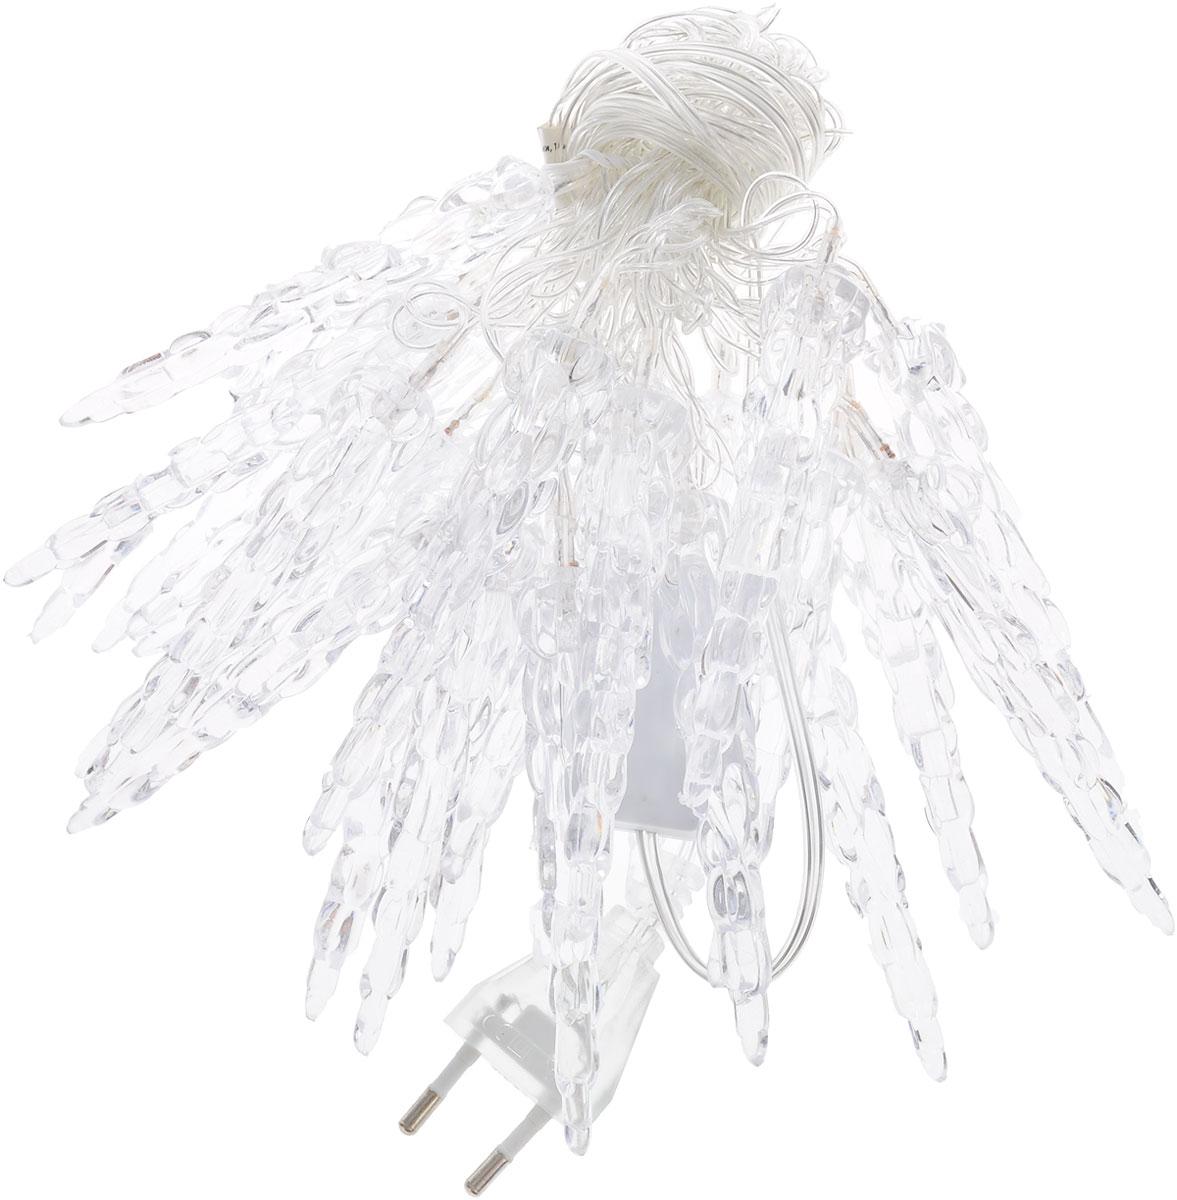 Электрогирлянда B&H Нить с сосульками, 25 светодиодов, цвет: холодный белый, 4,8 мBH0436-WЭлектрогирлянда B&H Нить с сосульками предназначена для декора внутри помещений. Изделие представляет собой гибкий провод, на котором расположено 25 светодиодов с насадками в форме сосулек. Электрогирлянда яркая и долговечная, имеет низкое энергопотребление. Она поможет украсить интерьер вашего дома, оформить витрины, окна, новогодние ели, камины и другие объекты внутреннего интерьера. Создайте уютную атмосферу и праздничное настроение вокруг, украшая дом яркими новогодними гирляндами. Расстояние между светодиодами: 20 см.